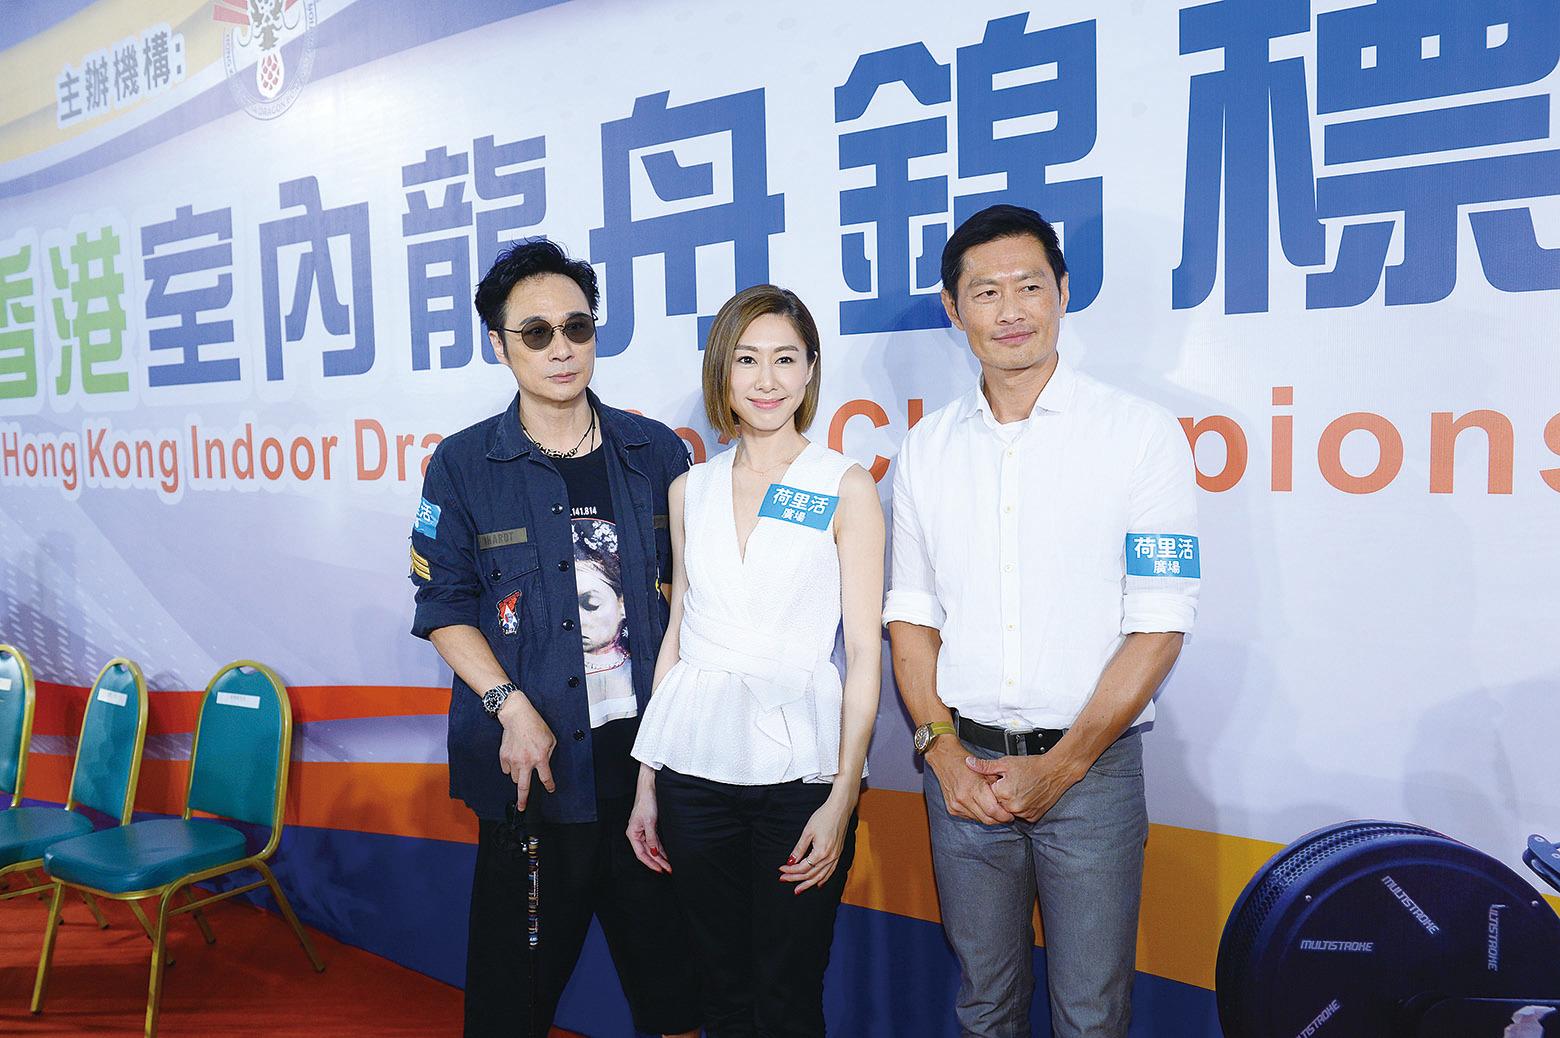 吳鎮宇(左)《逆流大叔》有份角逐最佳男主角,胡定欣(中)被提名最佳新演員,兩人均是好戲之人。(資料圖片)